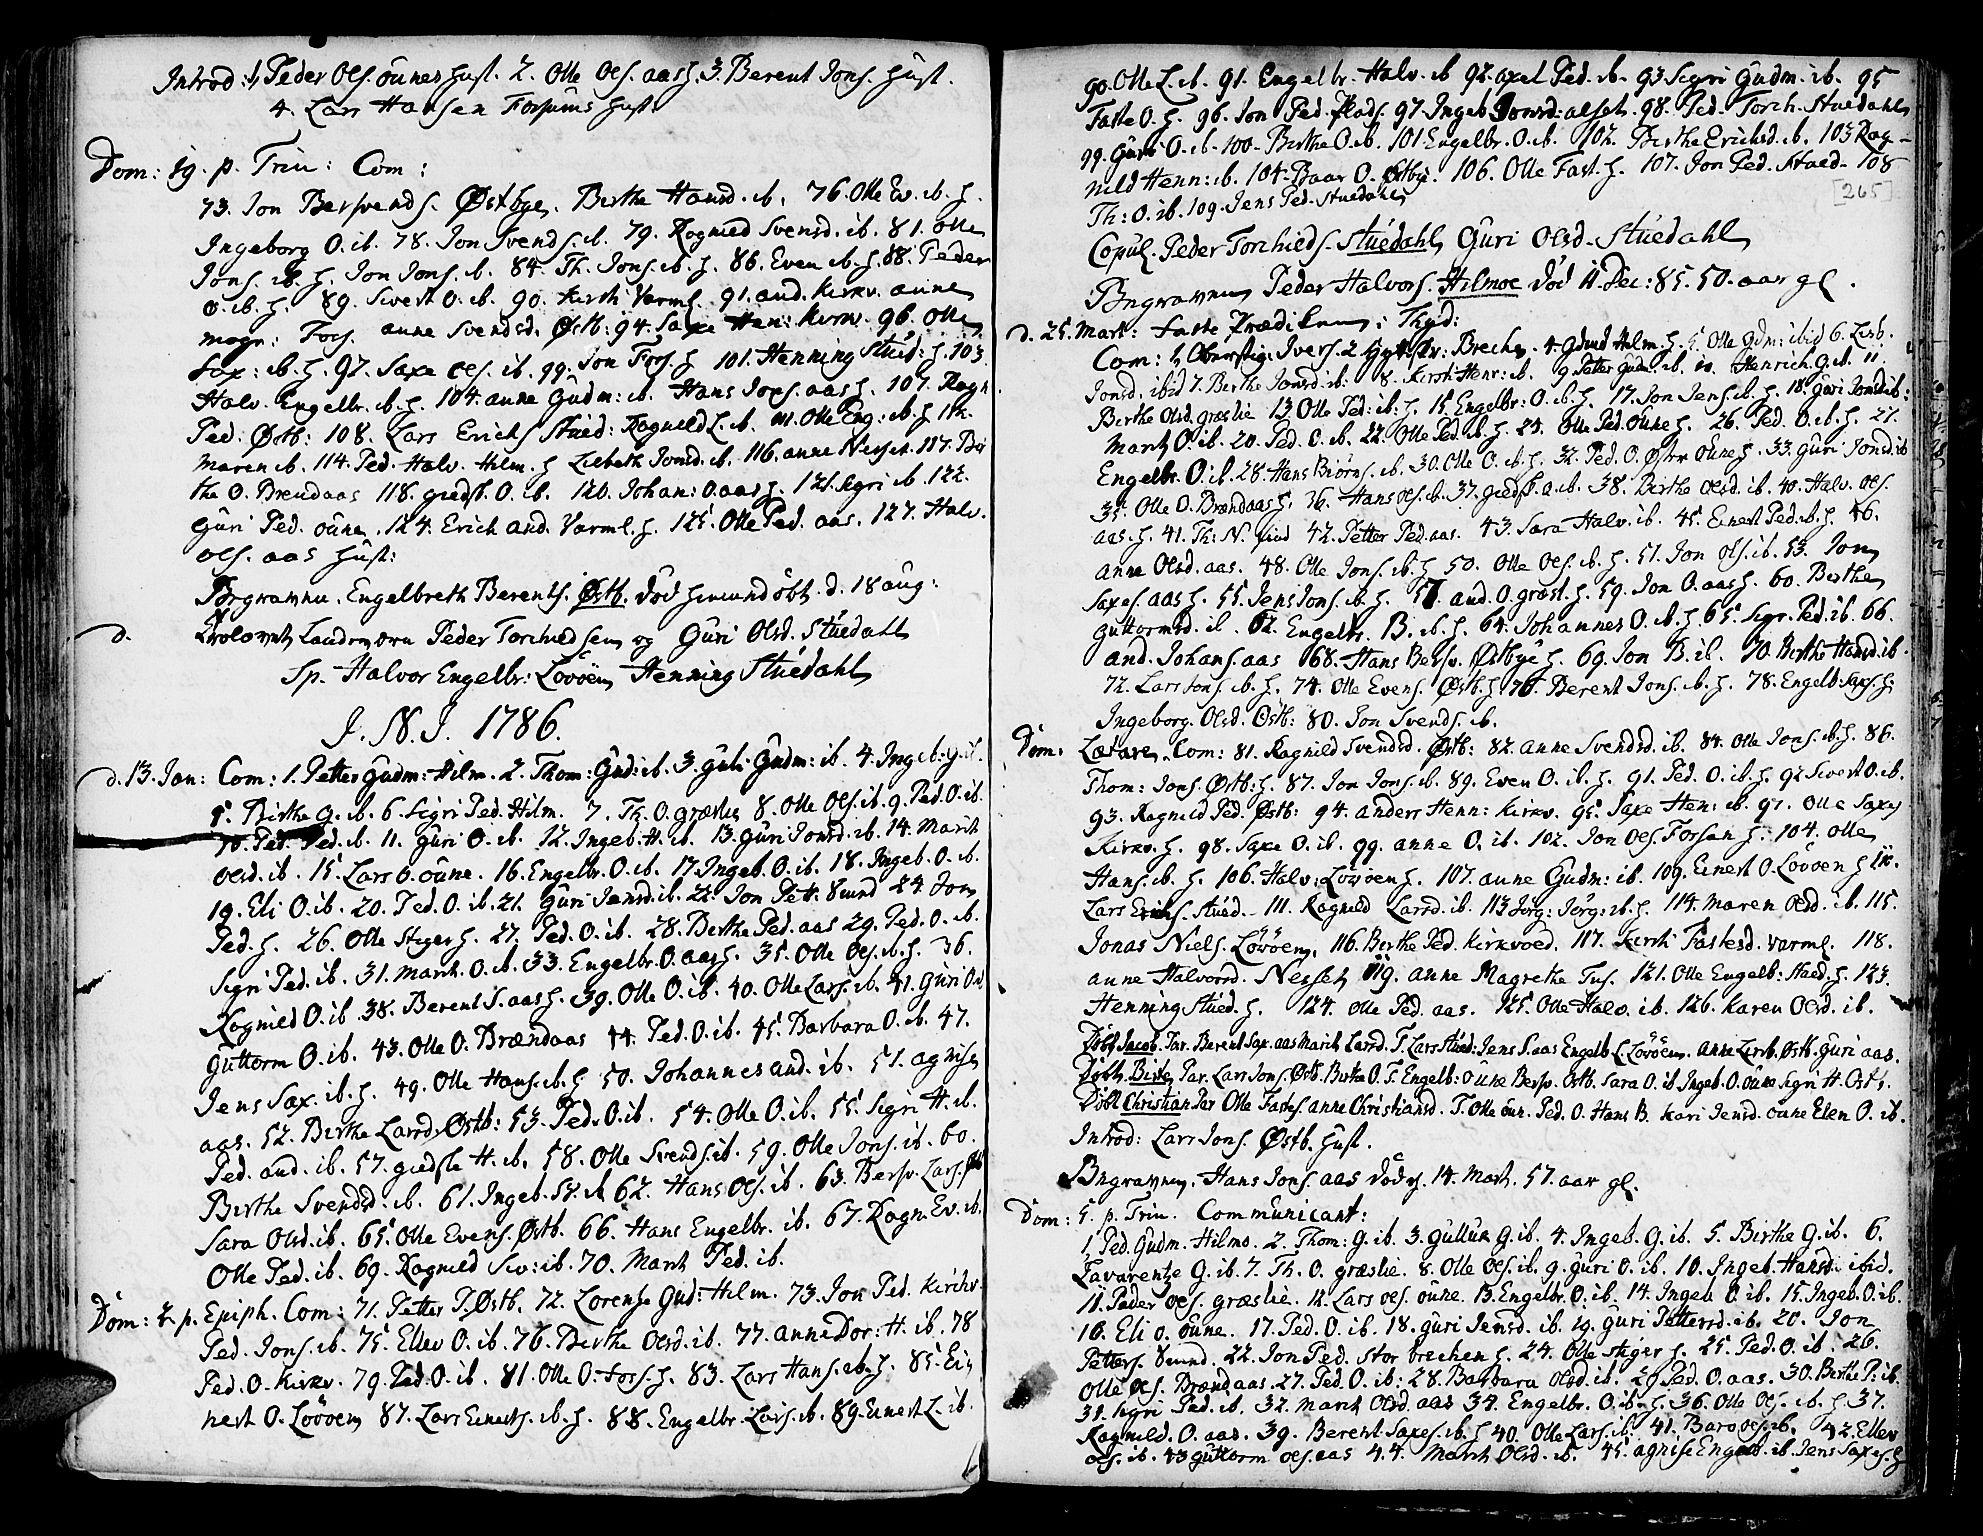 SAT, Ministerialprotokoller, klokkerbøker og fødselsregistre - Sør-Trøndelag, 695/L1139: Ministerialbok nr. 695A02 /2, 1776-1790, s. 265